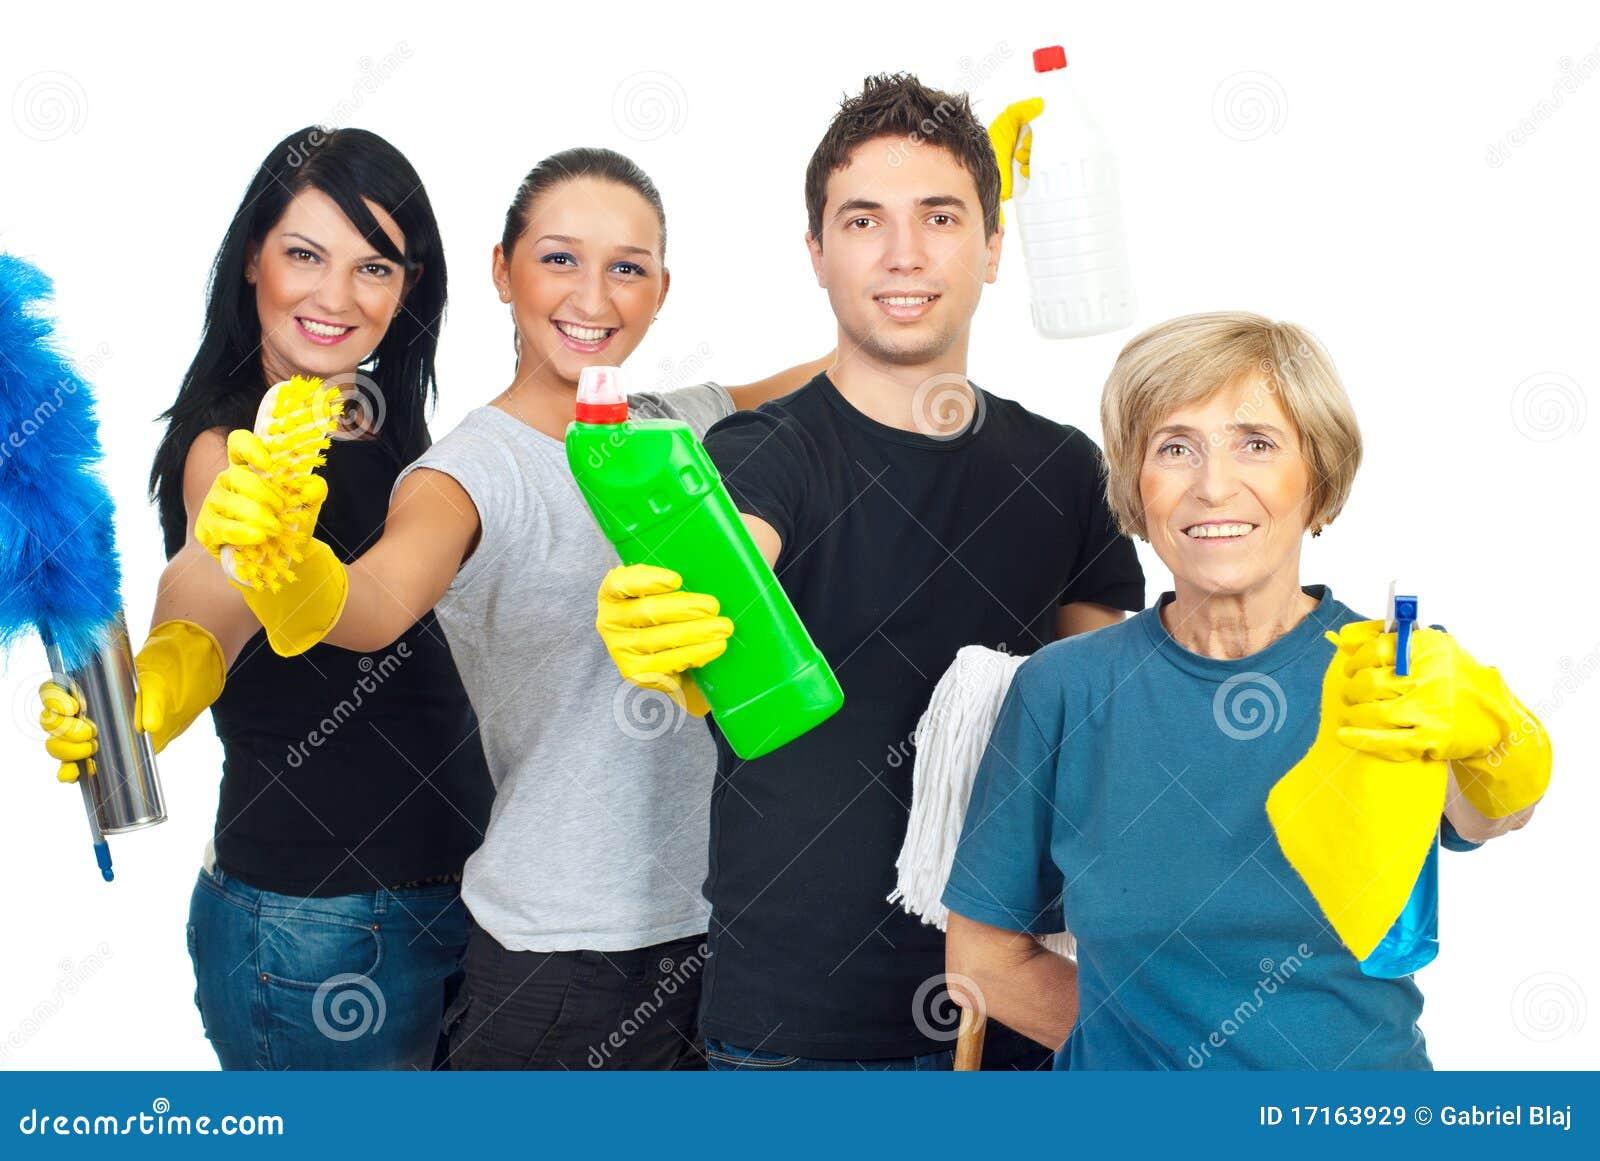 Personas alegres de los trabajadores del servicio de la limpieza - Casa de los espiritus alegres ...